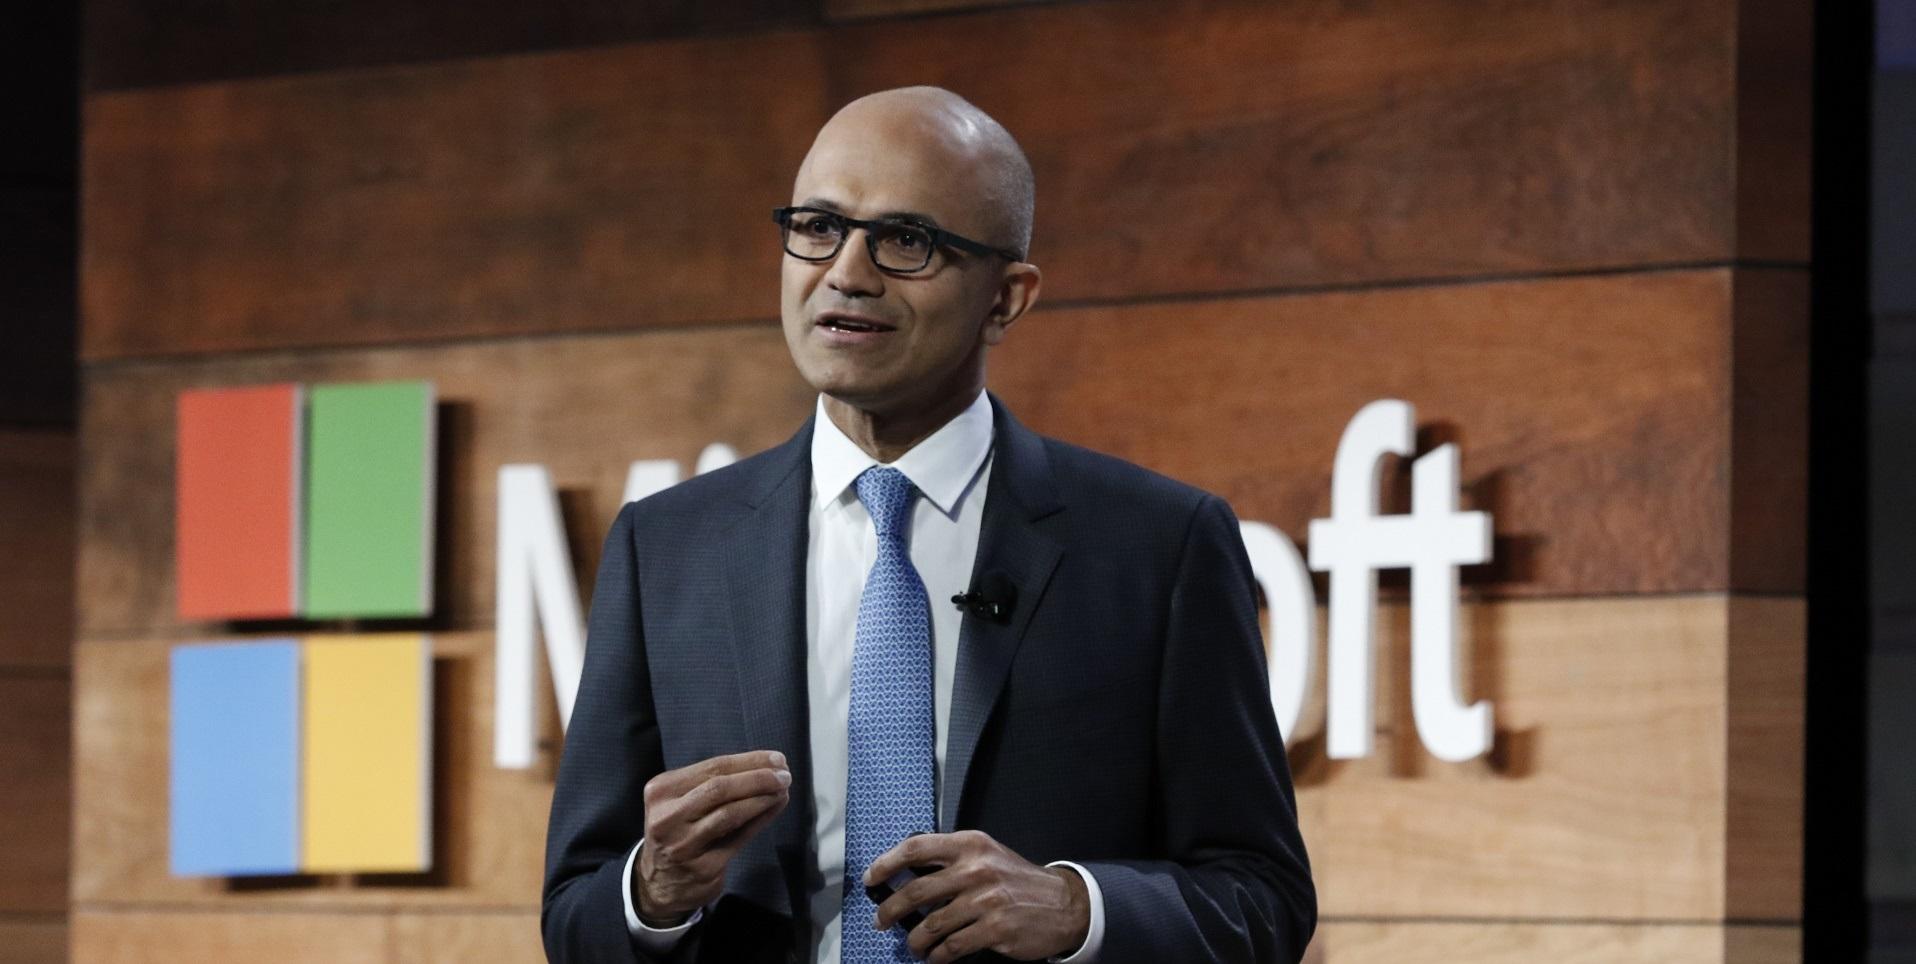 Build 2016: Microsoft inaugura la era de la inteligencia artificial conversacional